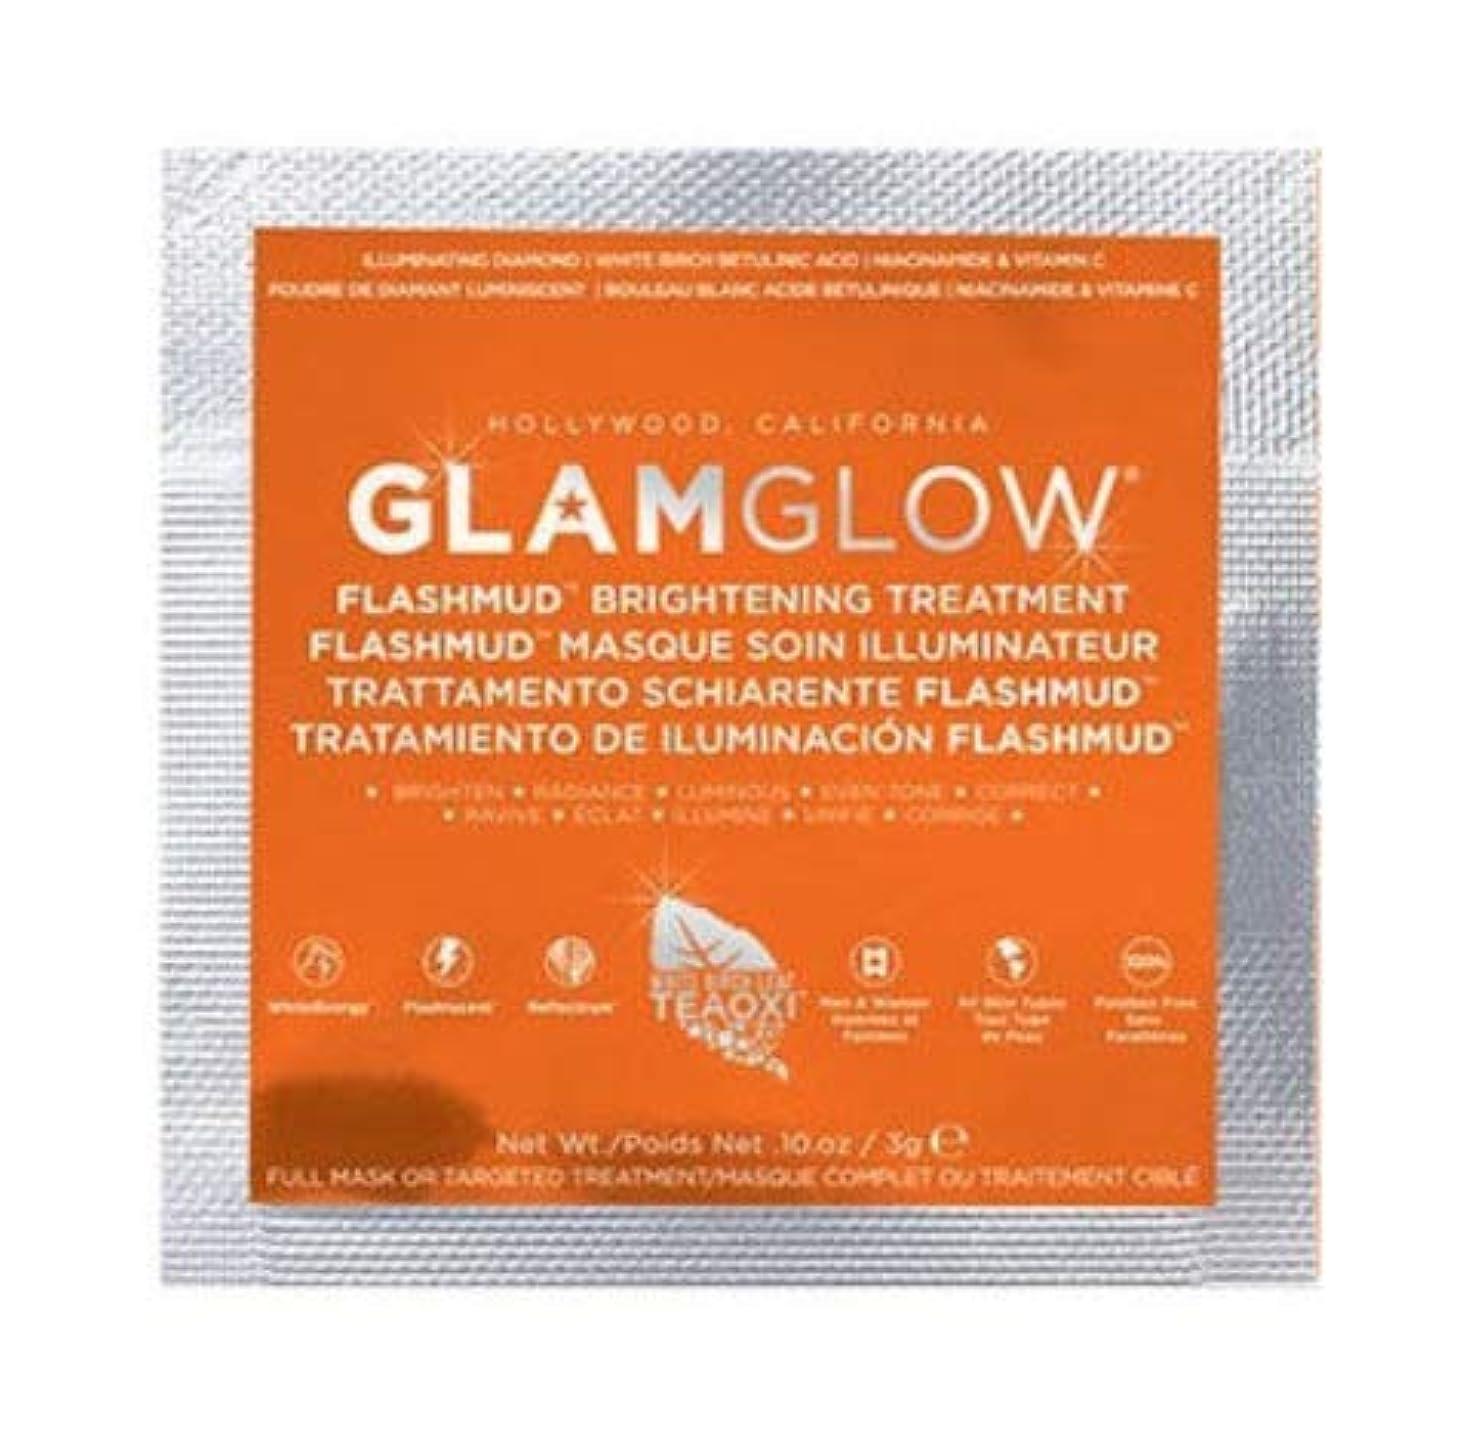 観察四分円速い【サンプルサイズ】グラムグロウ (GLAMGLOW) FLASHMUD 3g (1回分) [並行輸入品]